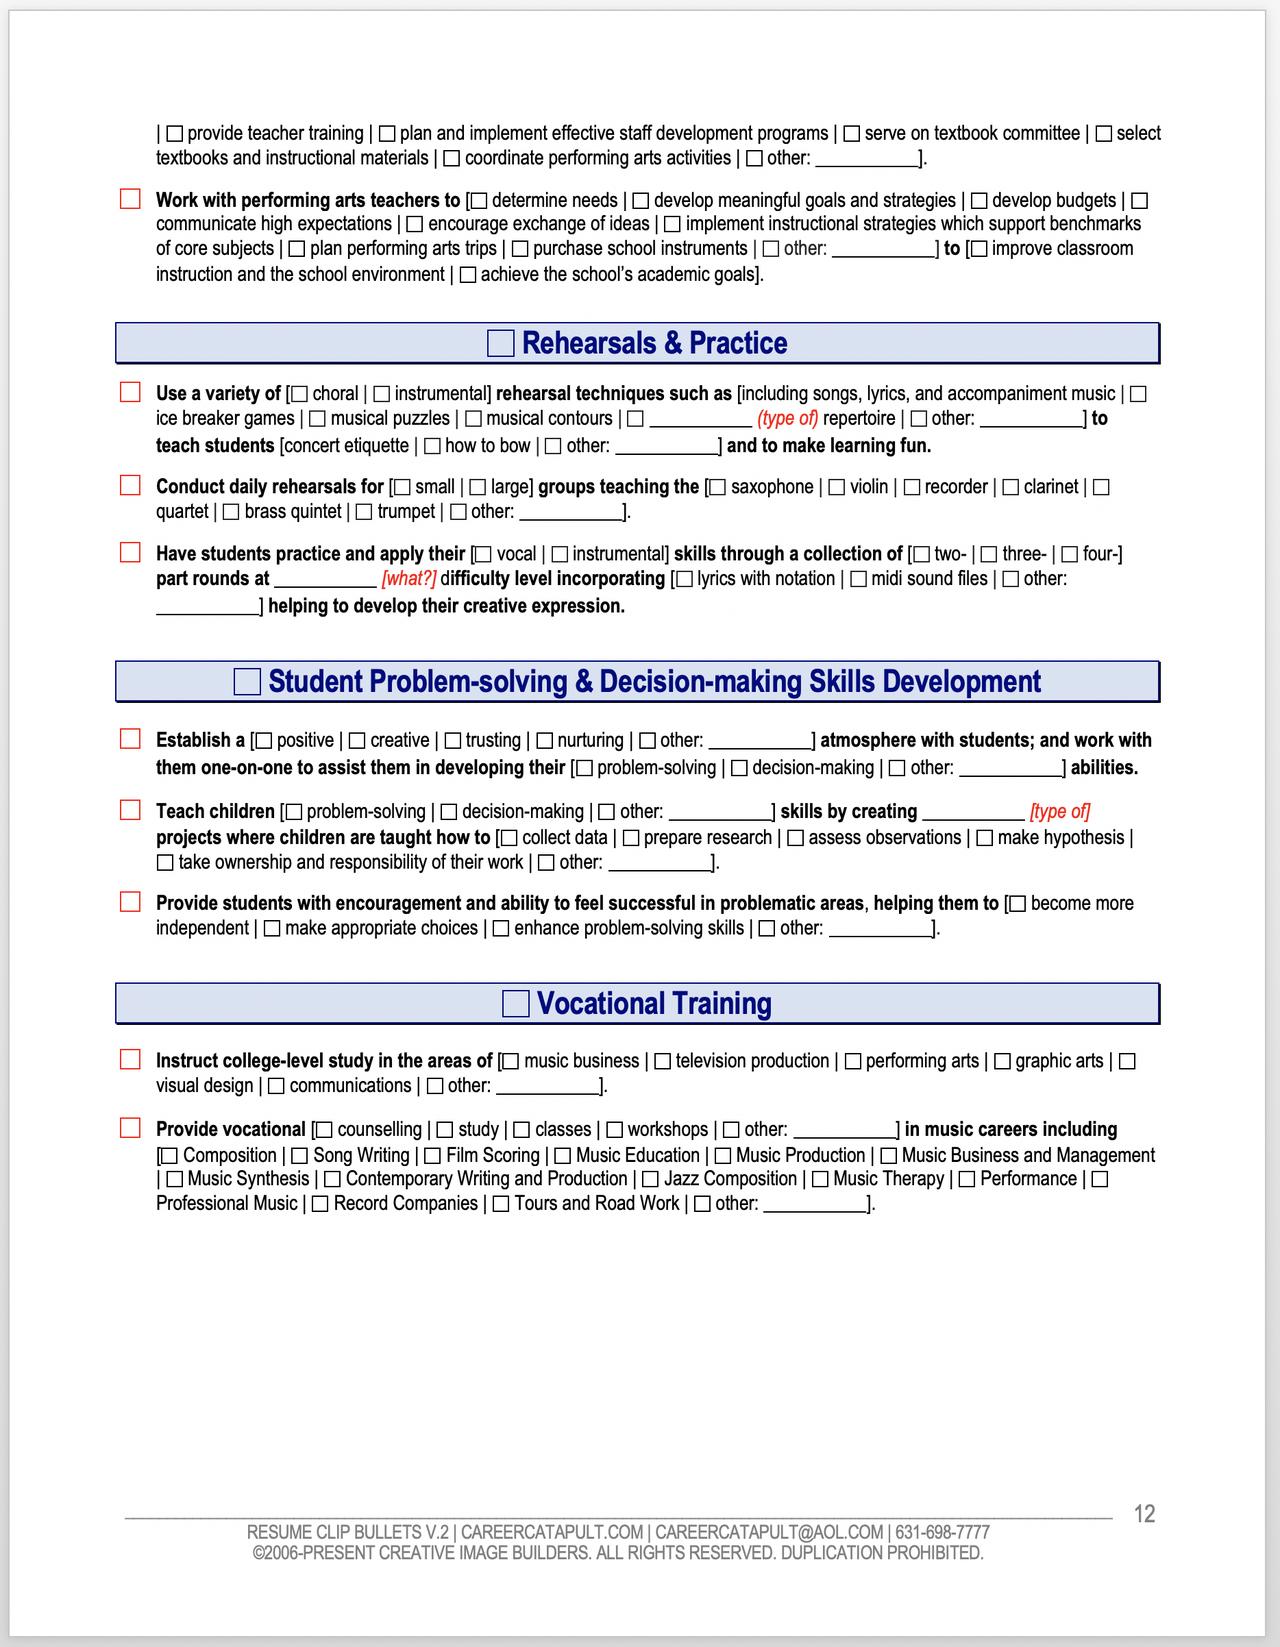 resume clipbullets sample - pg.12.png